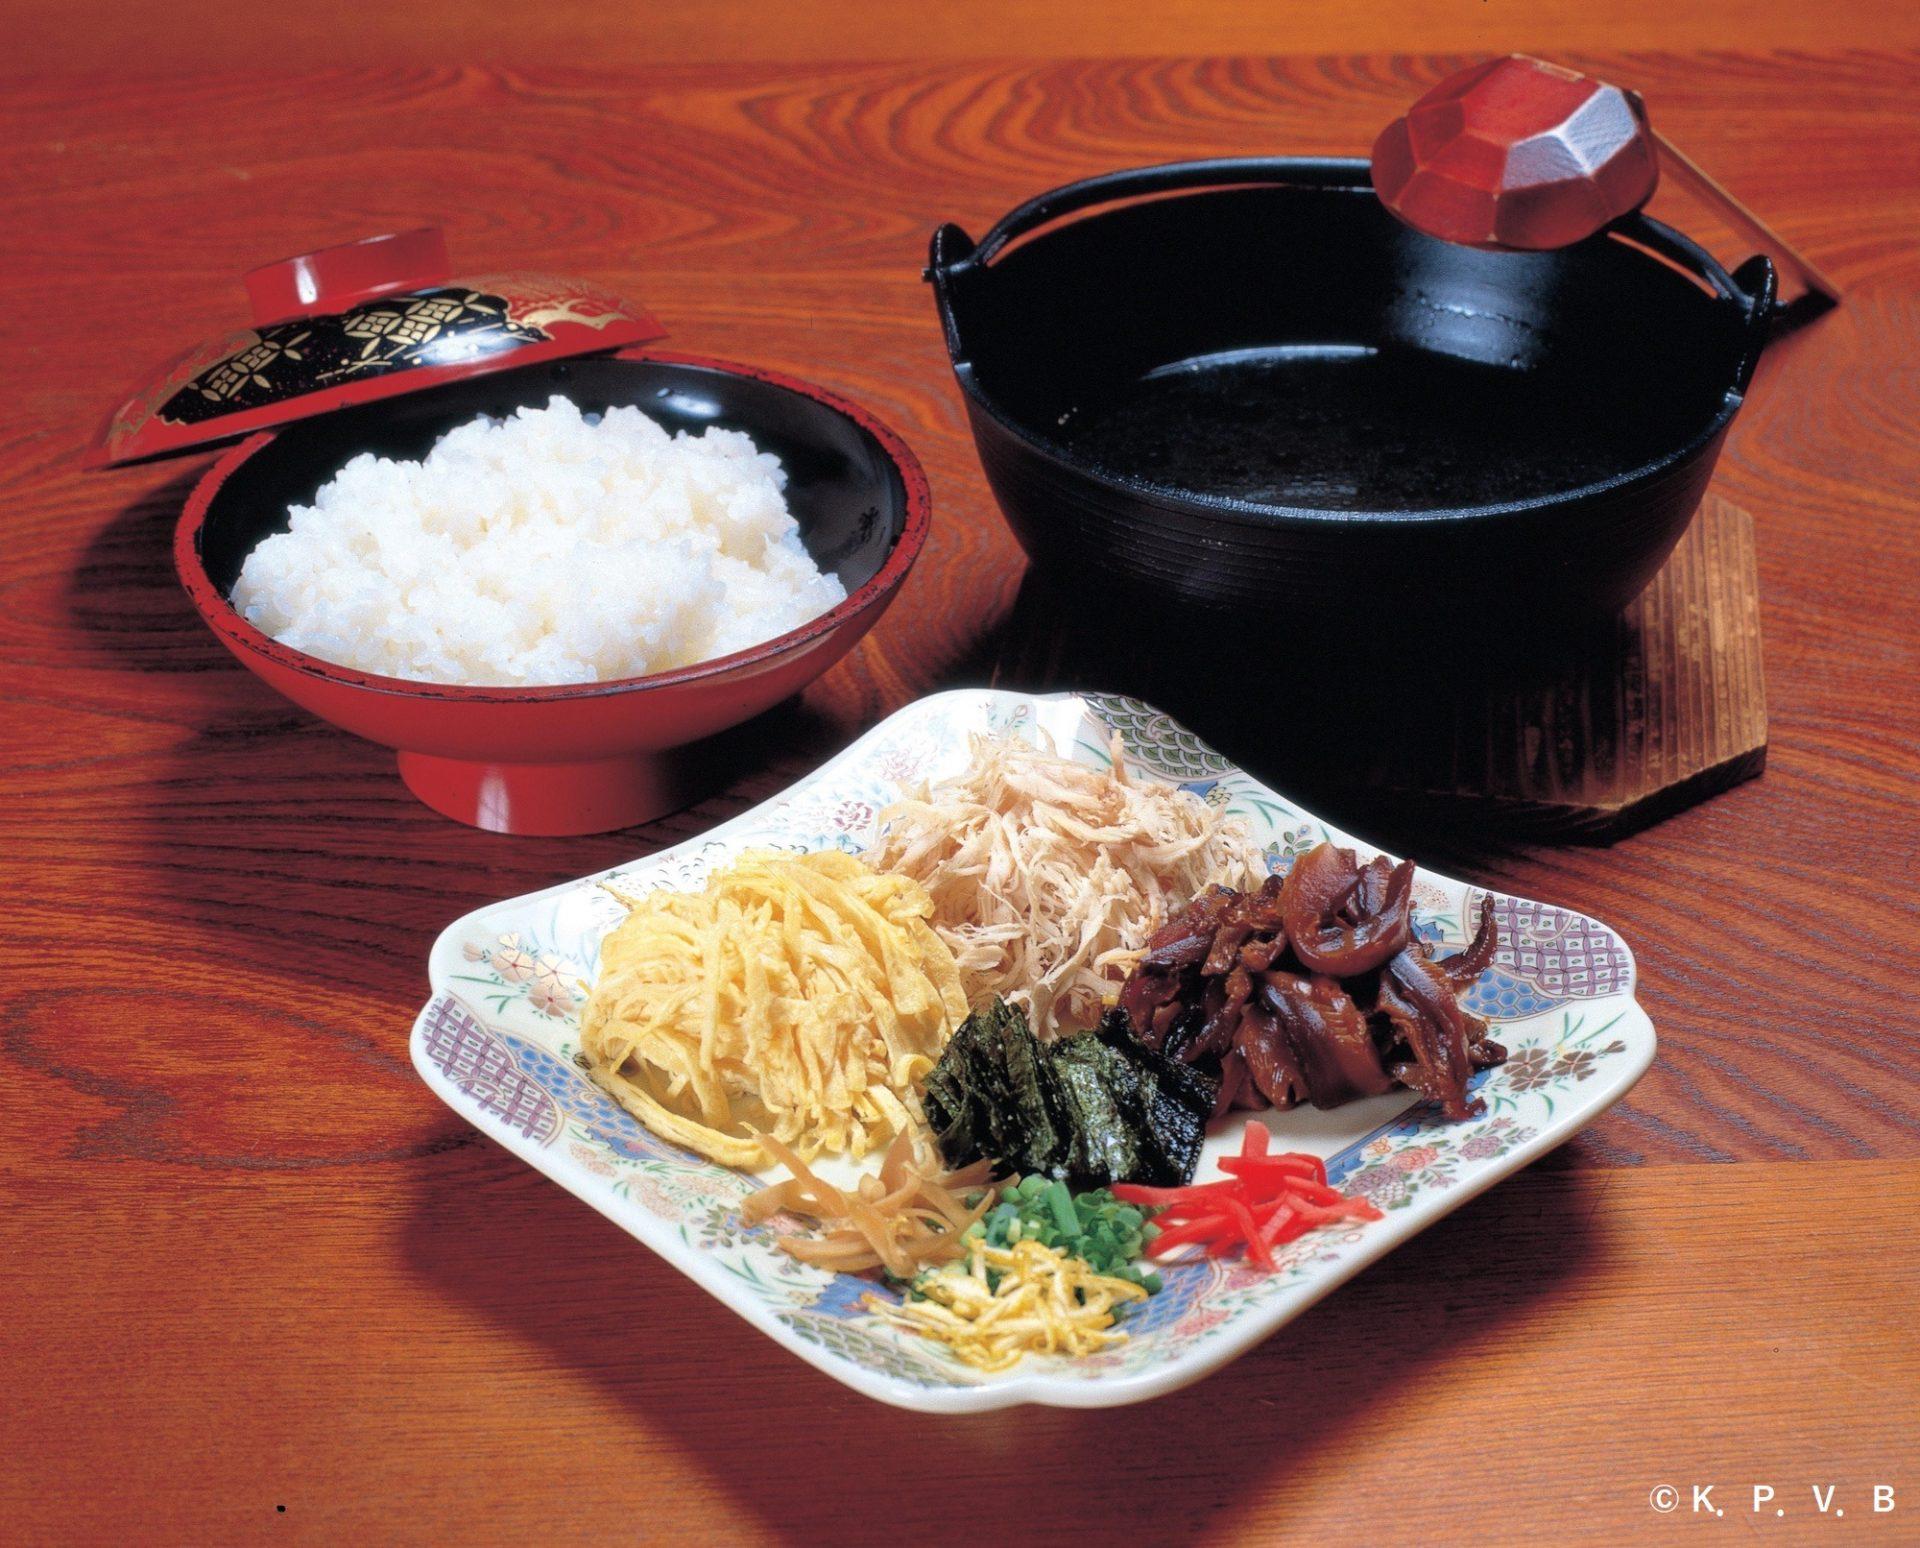 鶏飯 鹿児島 九州 郷土料理 ご当地グルメ おすすめ 旅行 観光